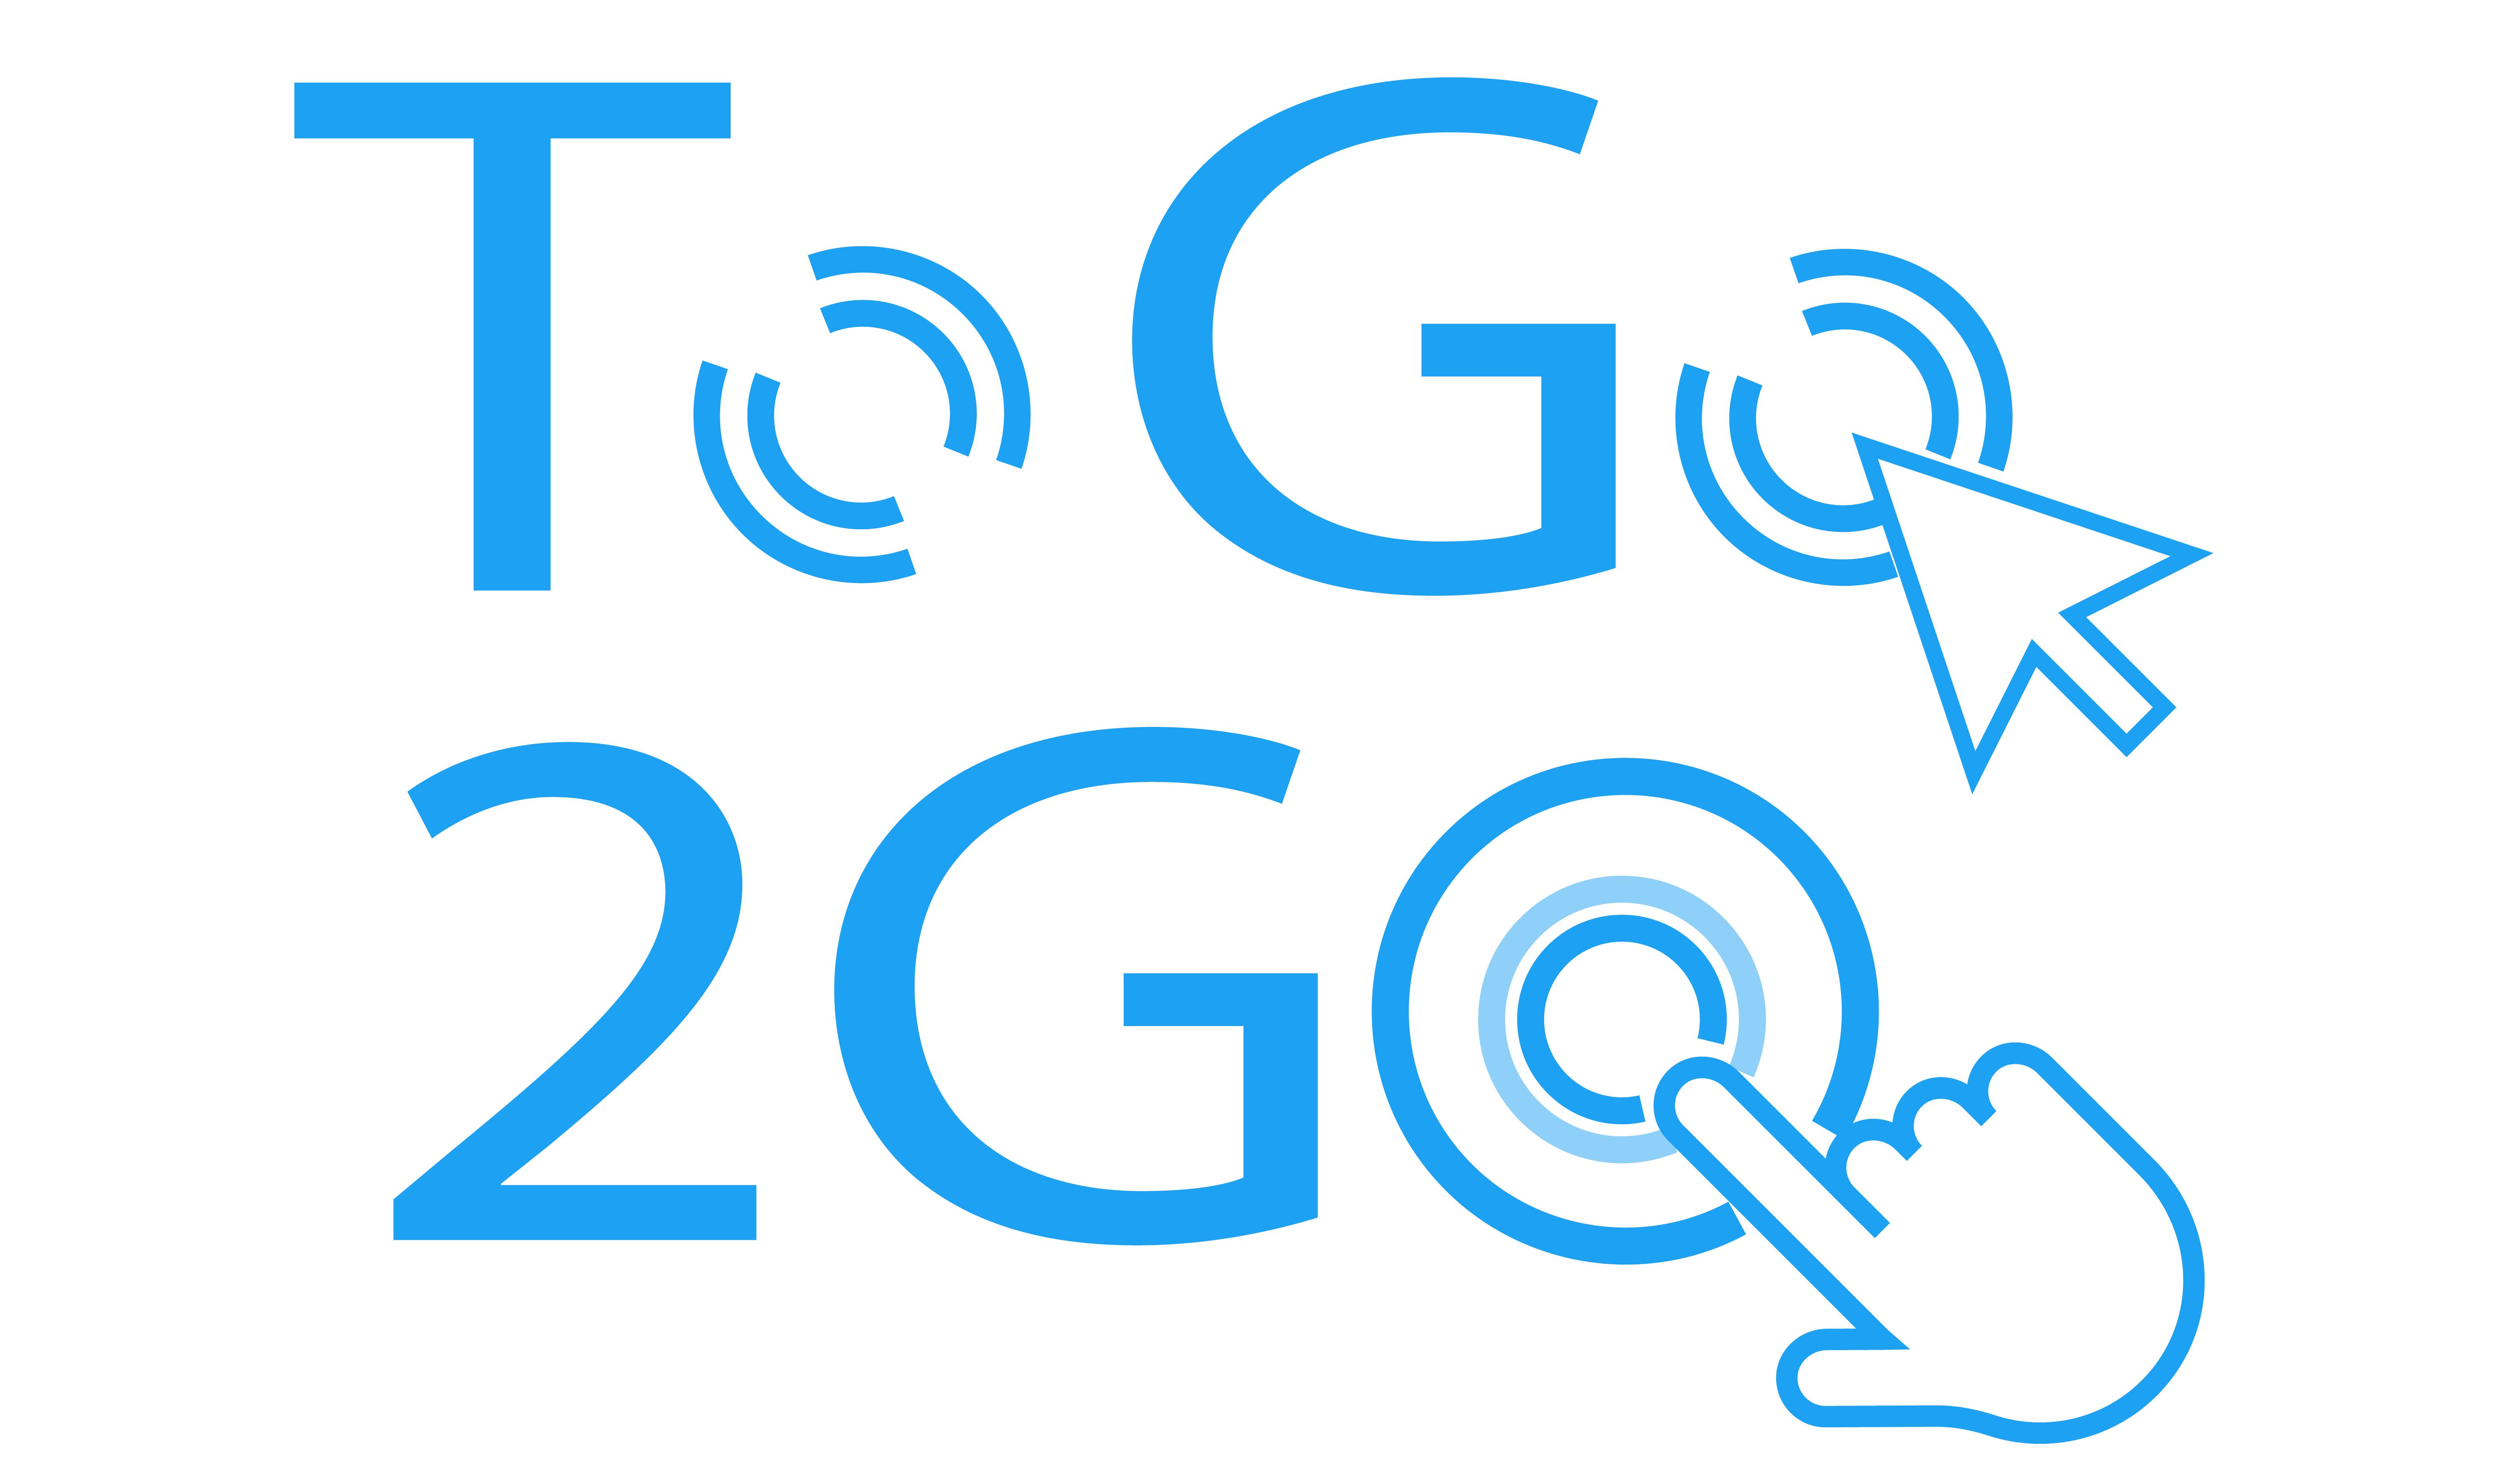 Разработать логотип и экран загрузки приложения фото f_4505a881b6edf2e7.png